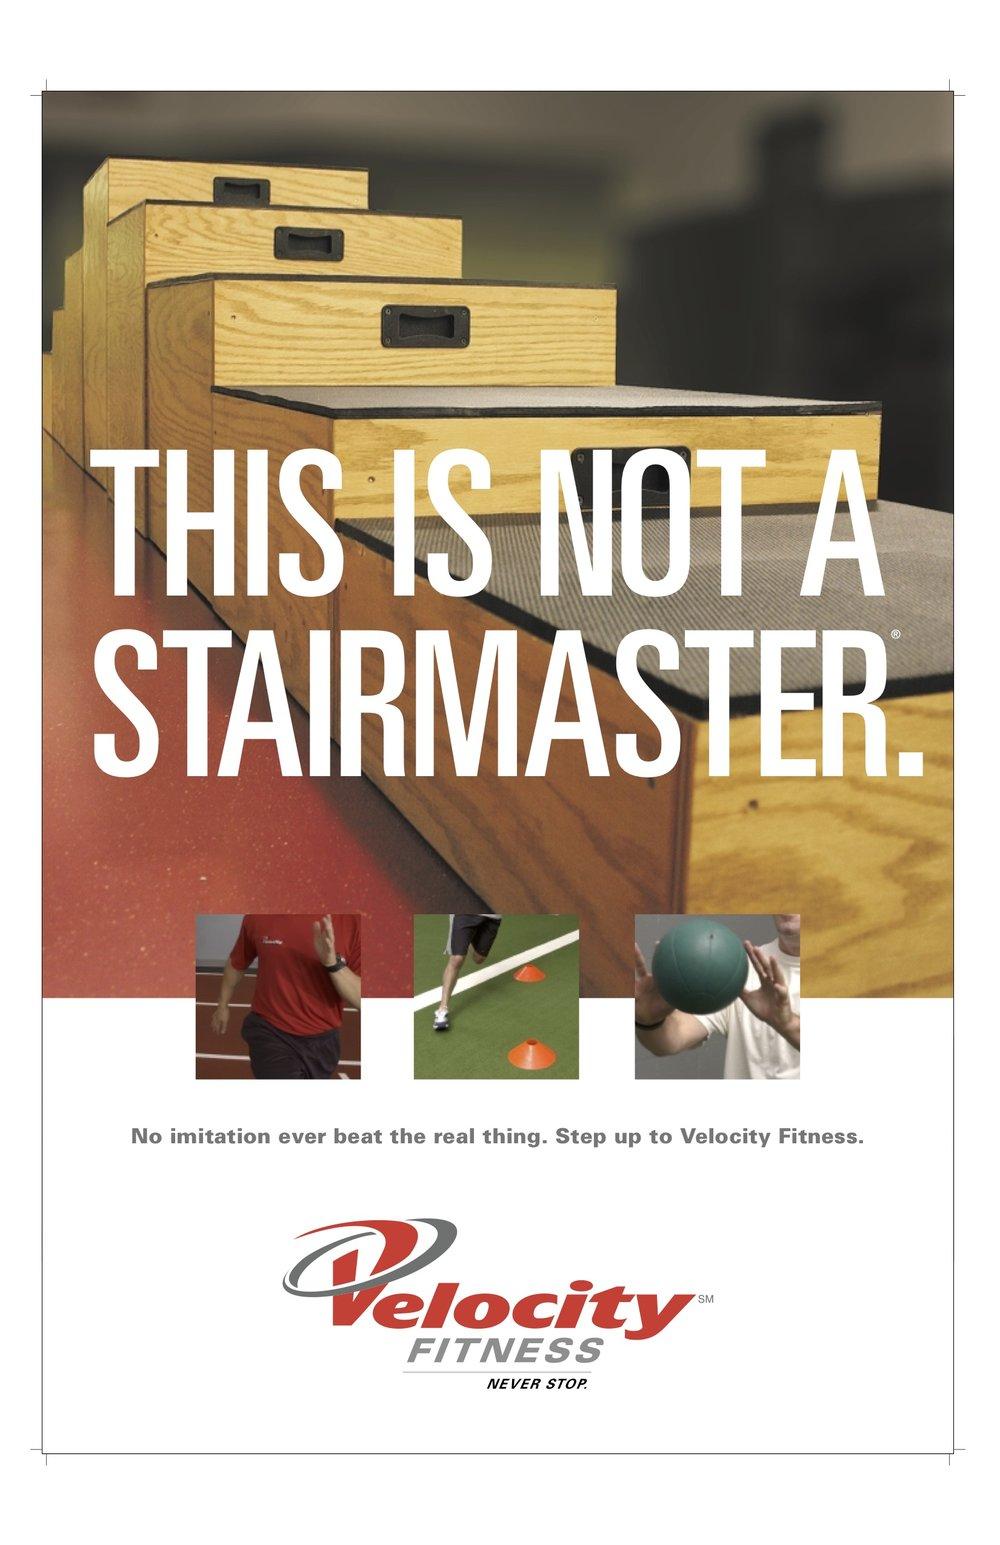 VFitness_Stairmaster.jpg